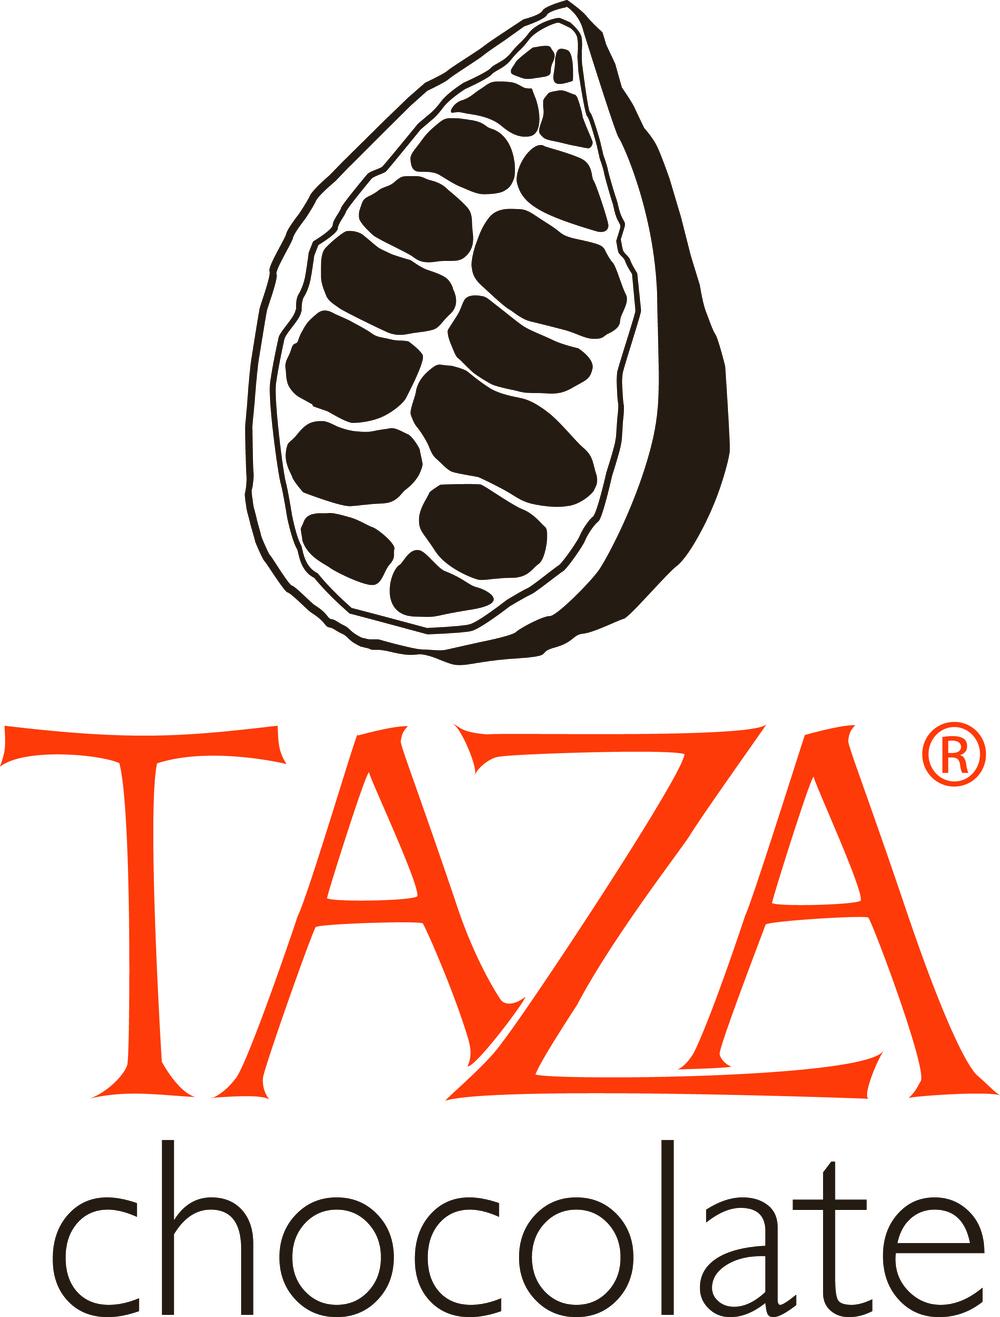 Taza.jpg